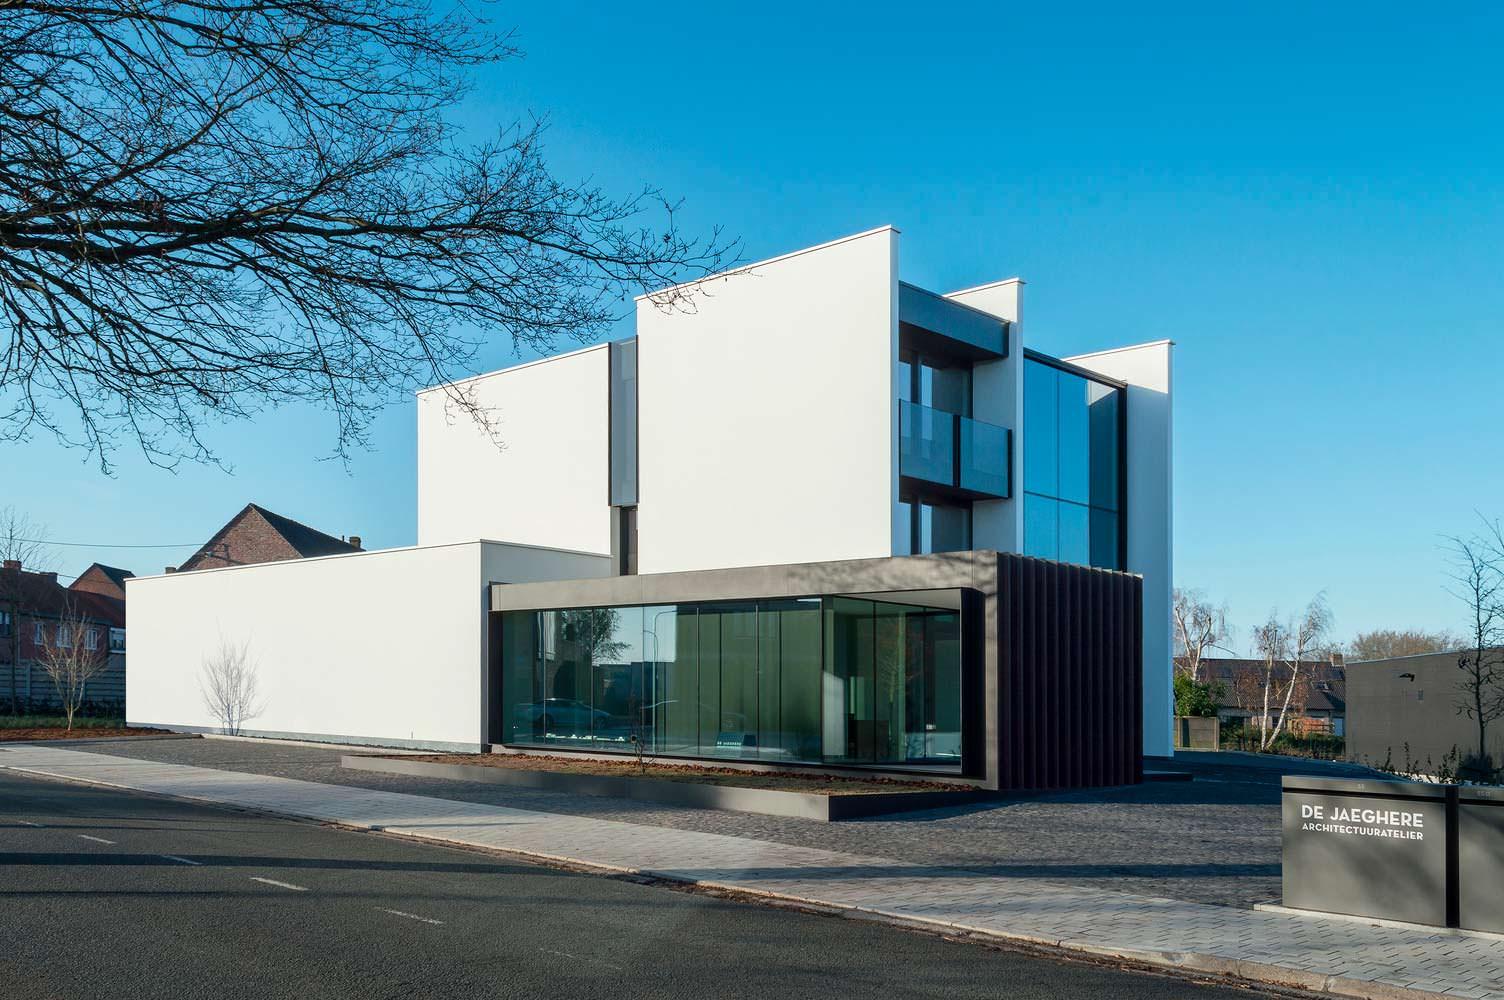 Штаб-квартира бюро DE JAEGHERE Architectuuratelier в Бельгии